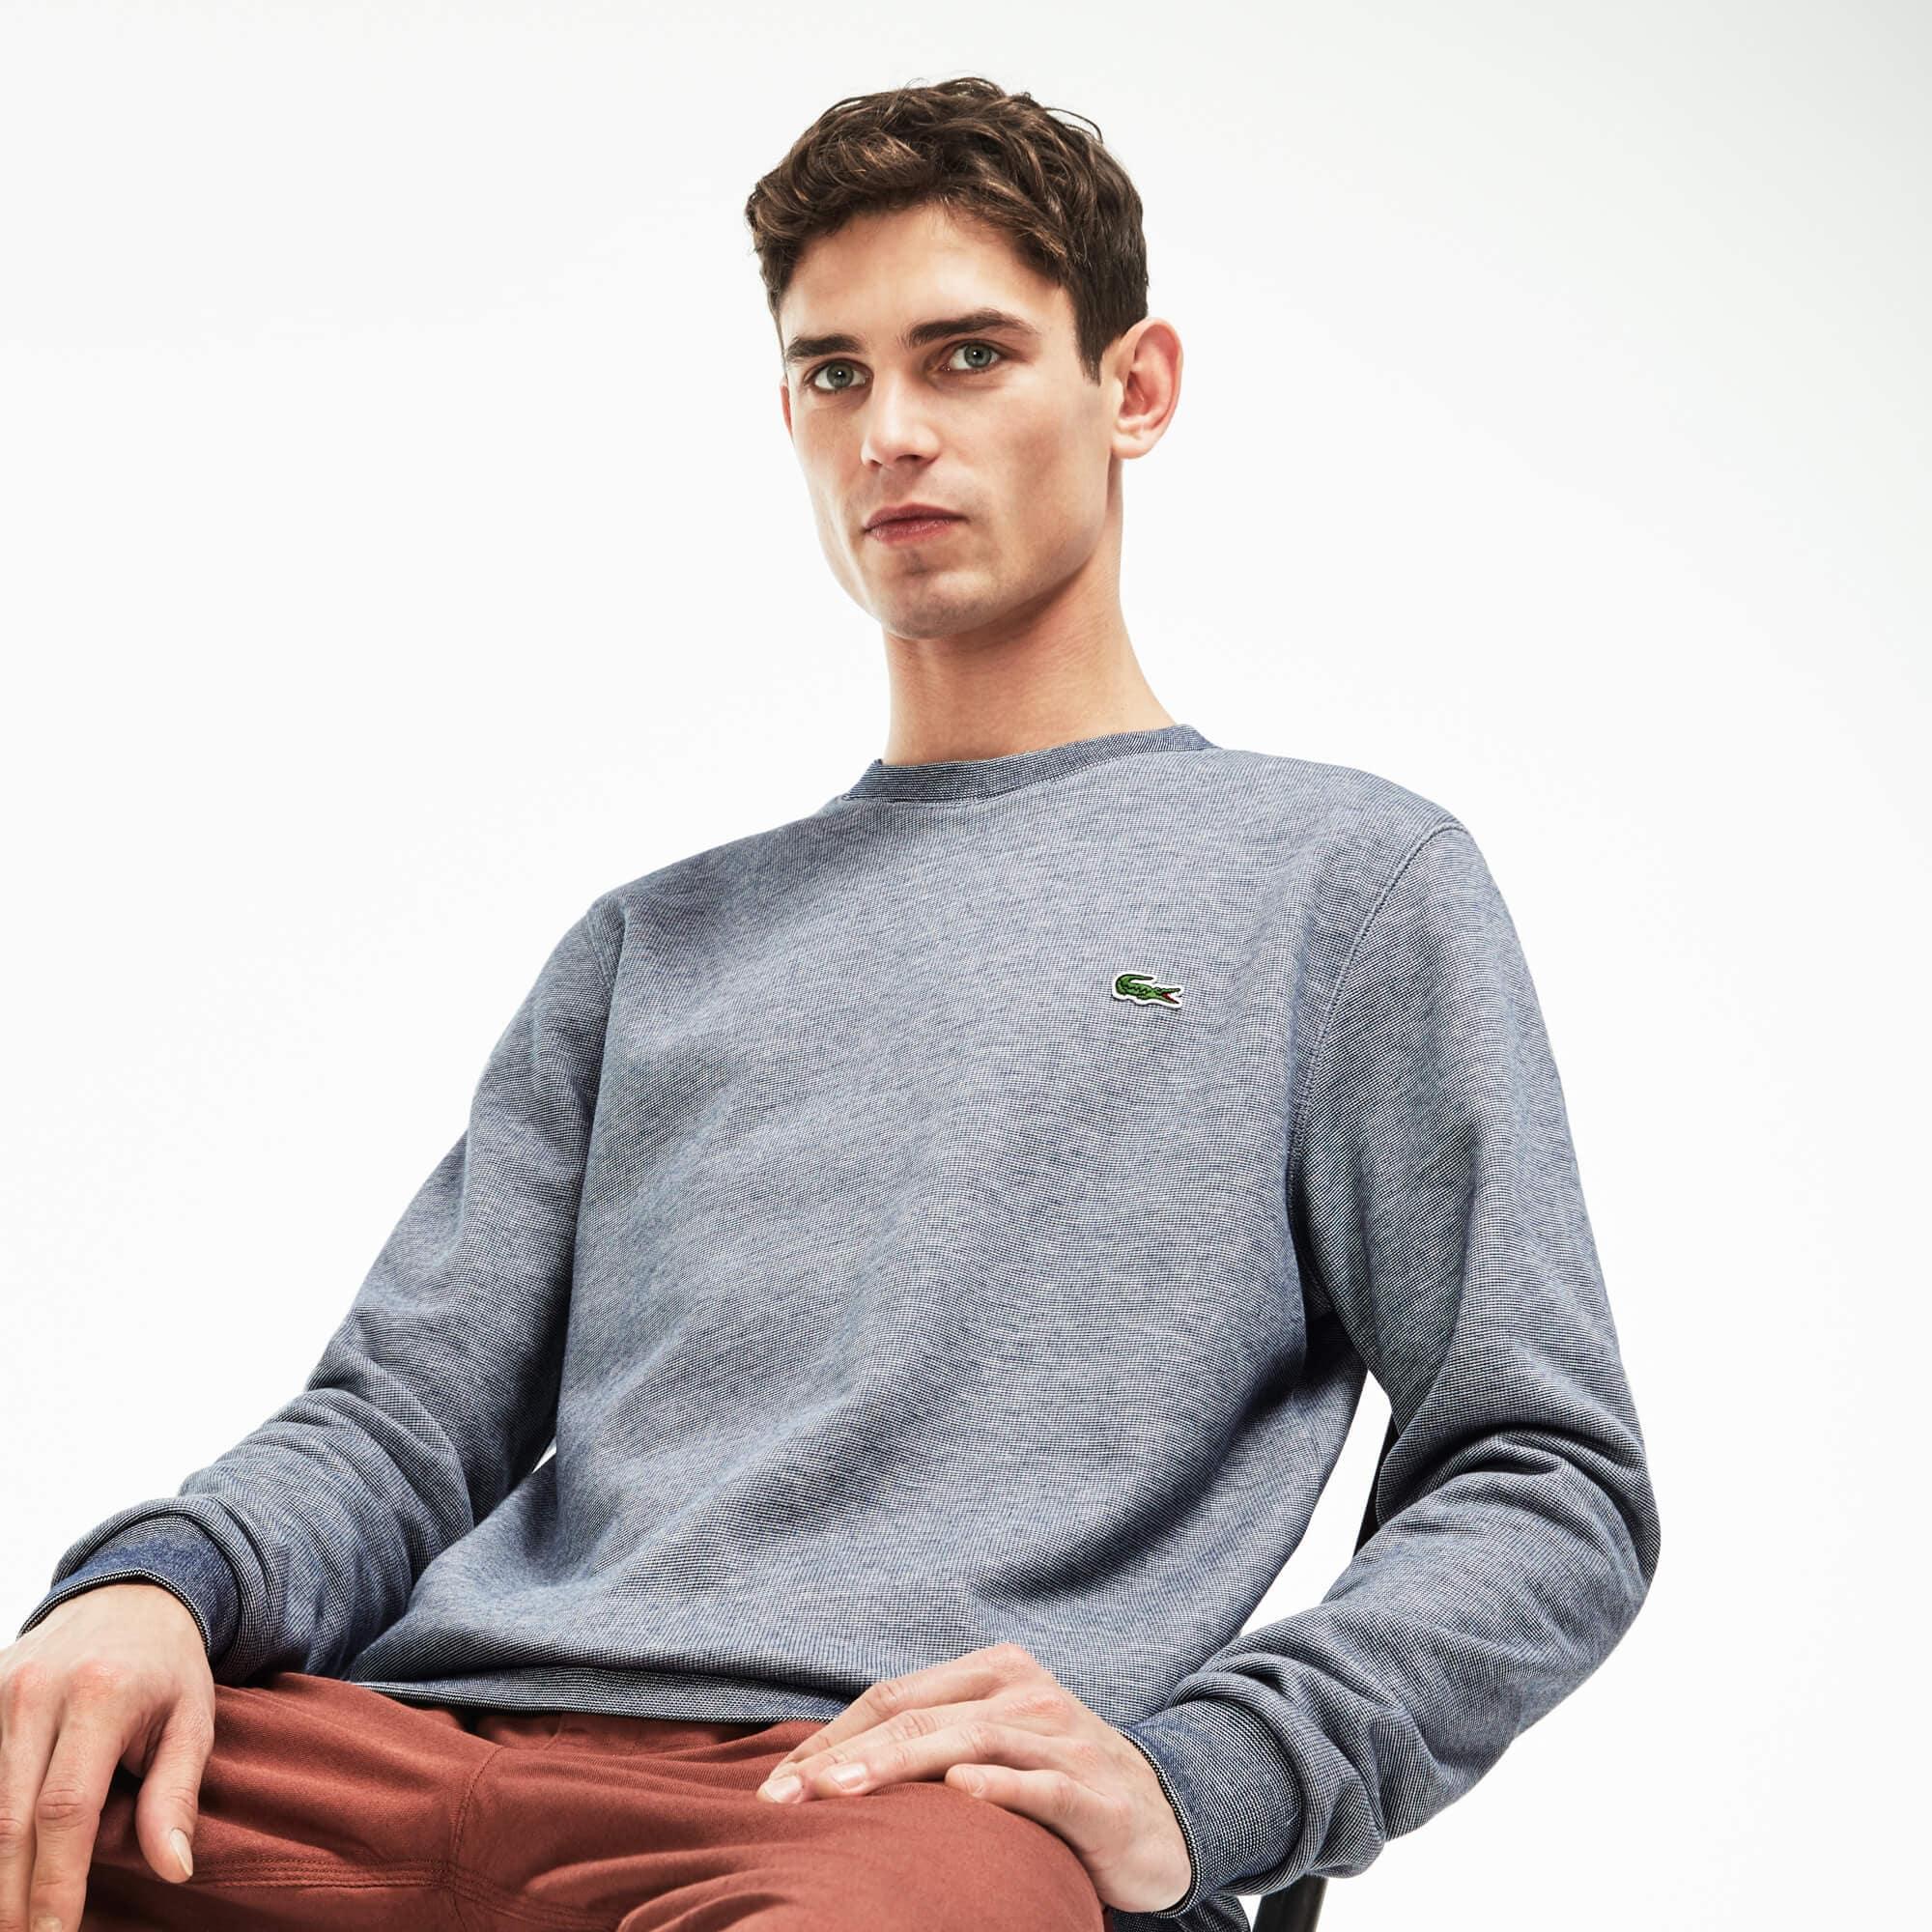 Herren-Rundhals-Sweatshirt aus auFitzgeralderautem Fleece mit Streifen